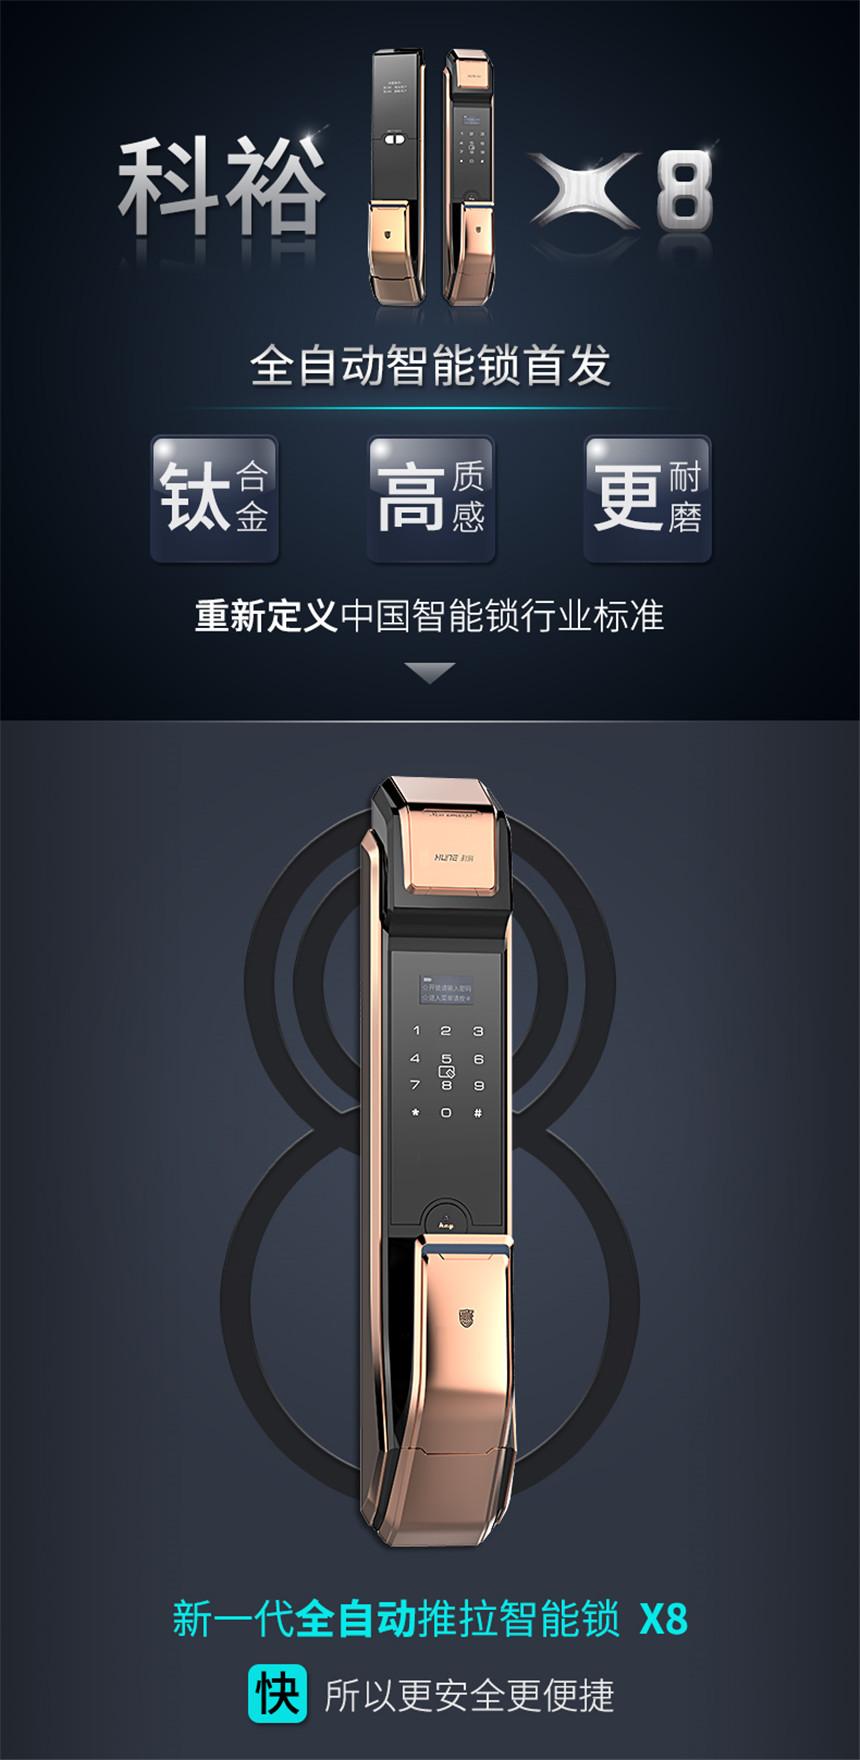 全自动推拉智能锁指纹锁密码锁X8